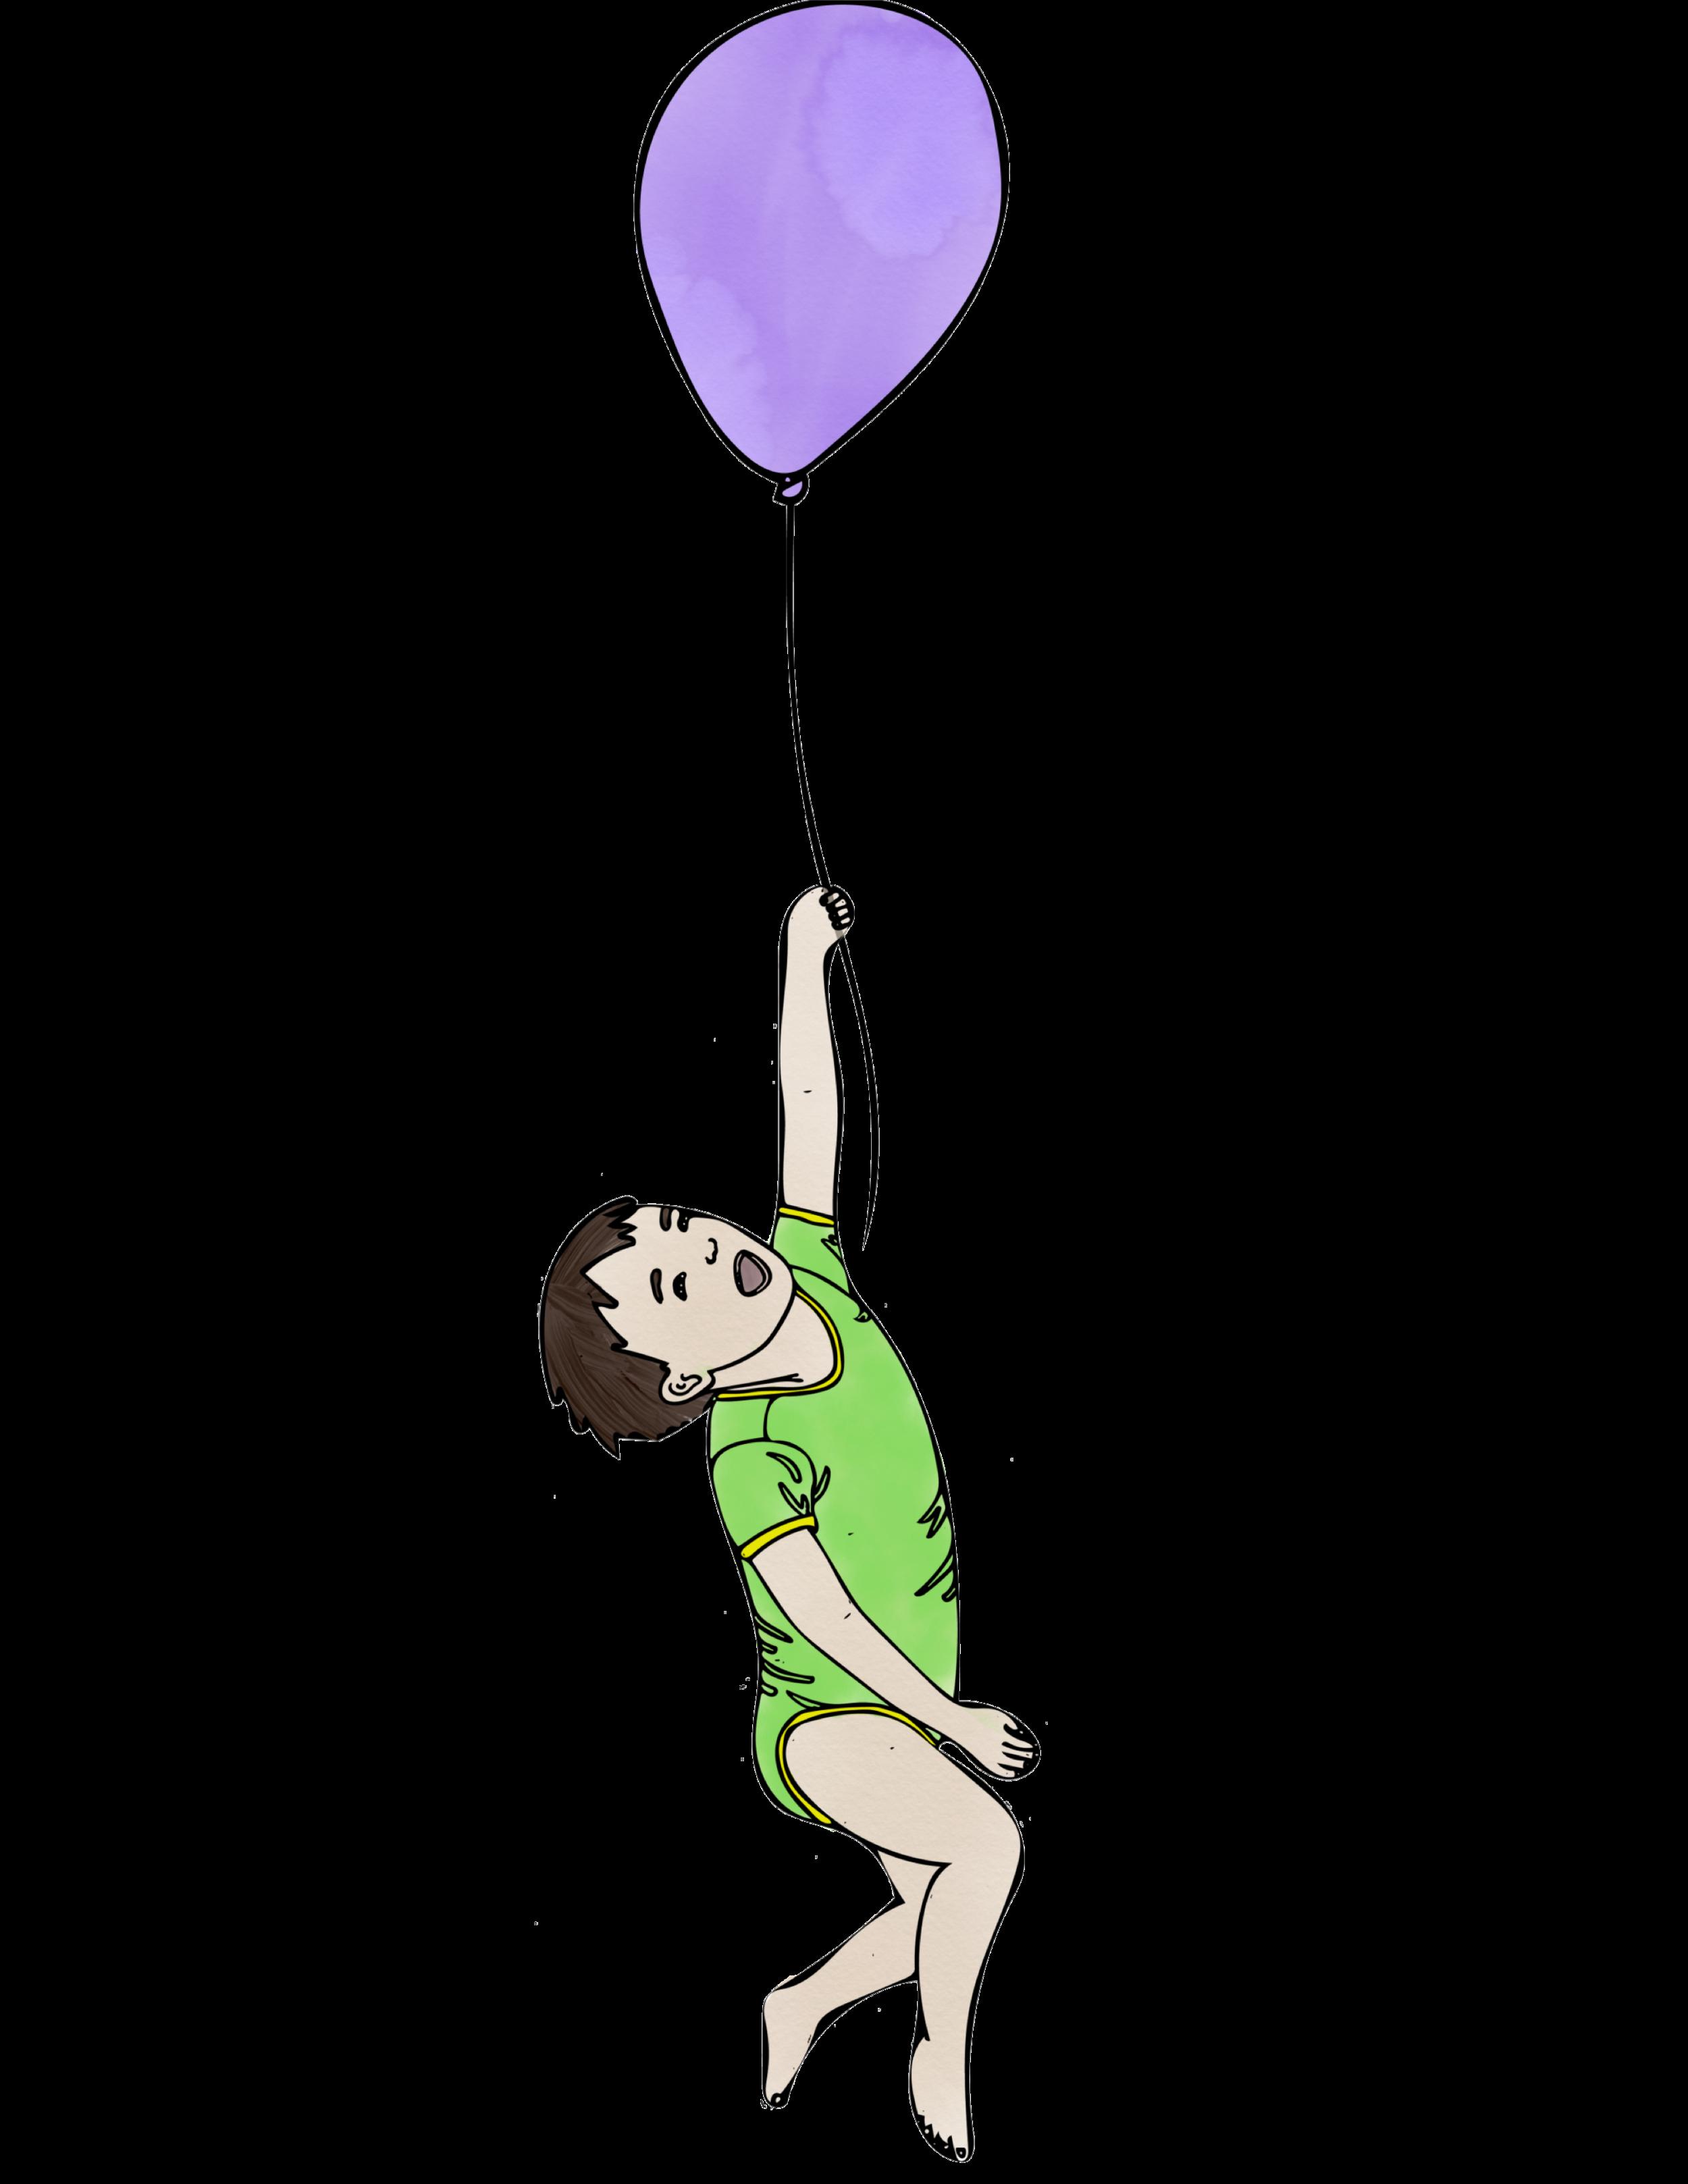 jordan_kushins_clark_balloon.png